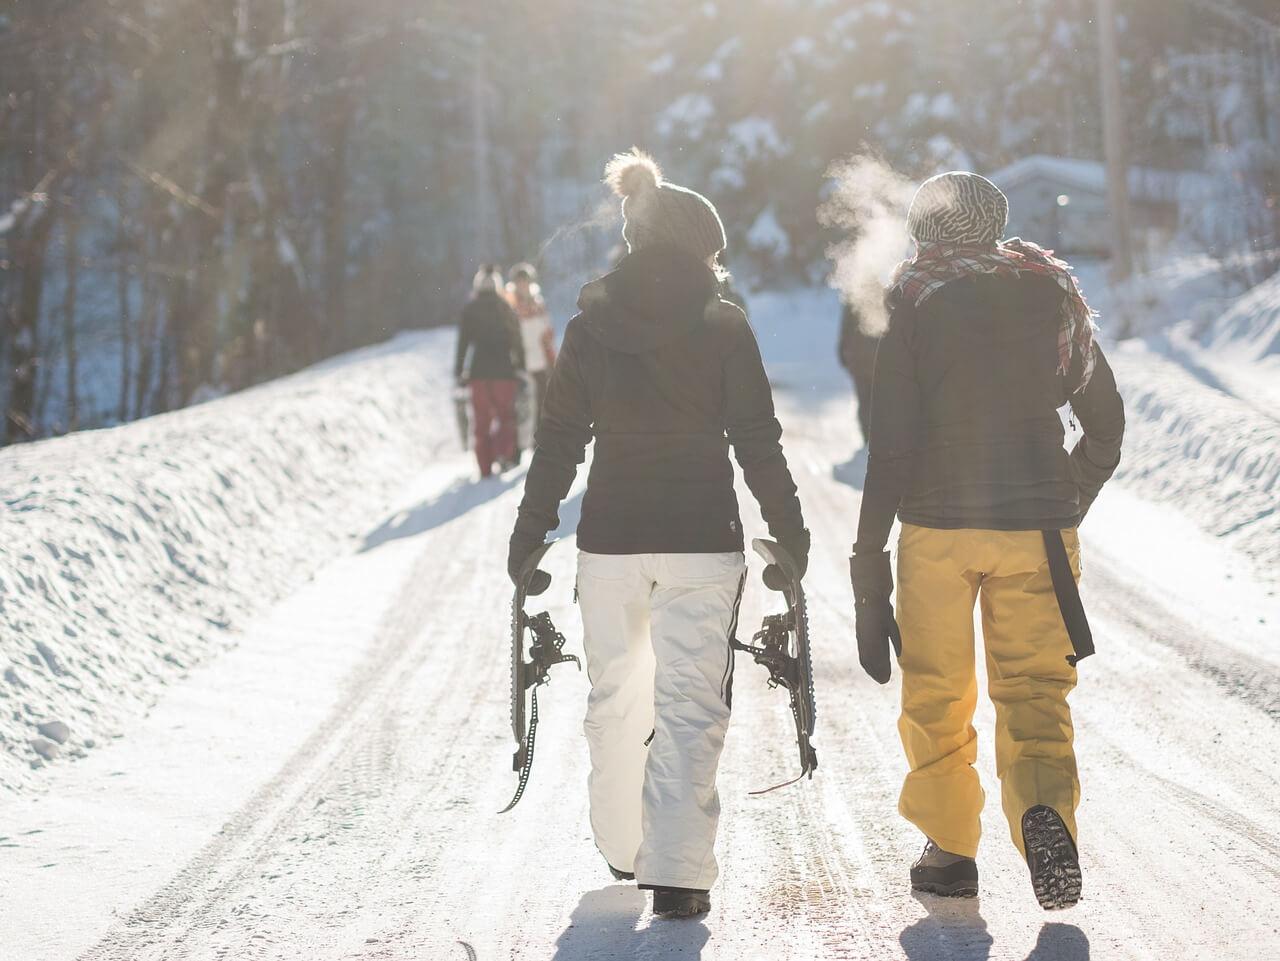 Move more in winter